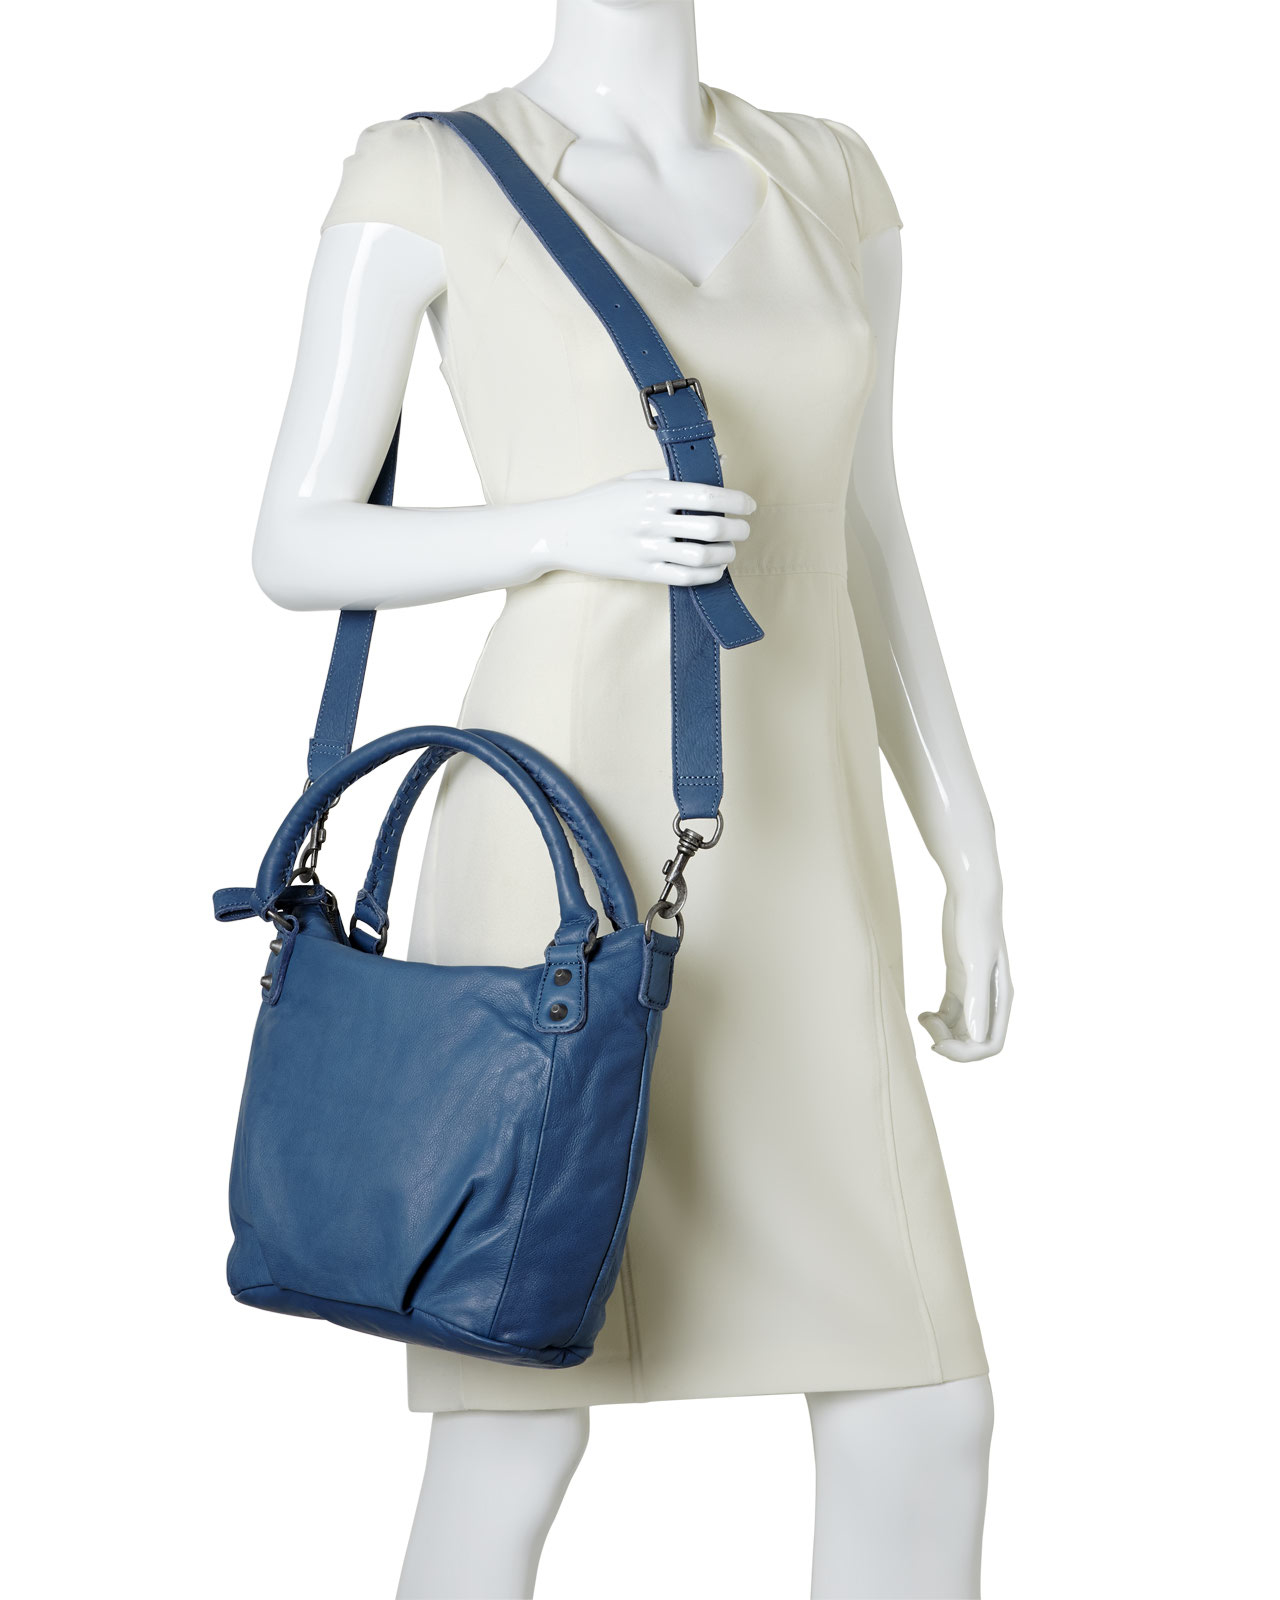 liebeskind soft blue gina vintage satchel in blue lyst. Black Bedroom Furniture Sets. Home Design Ideas